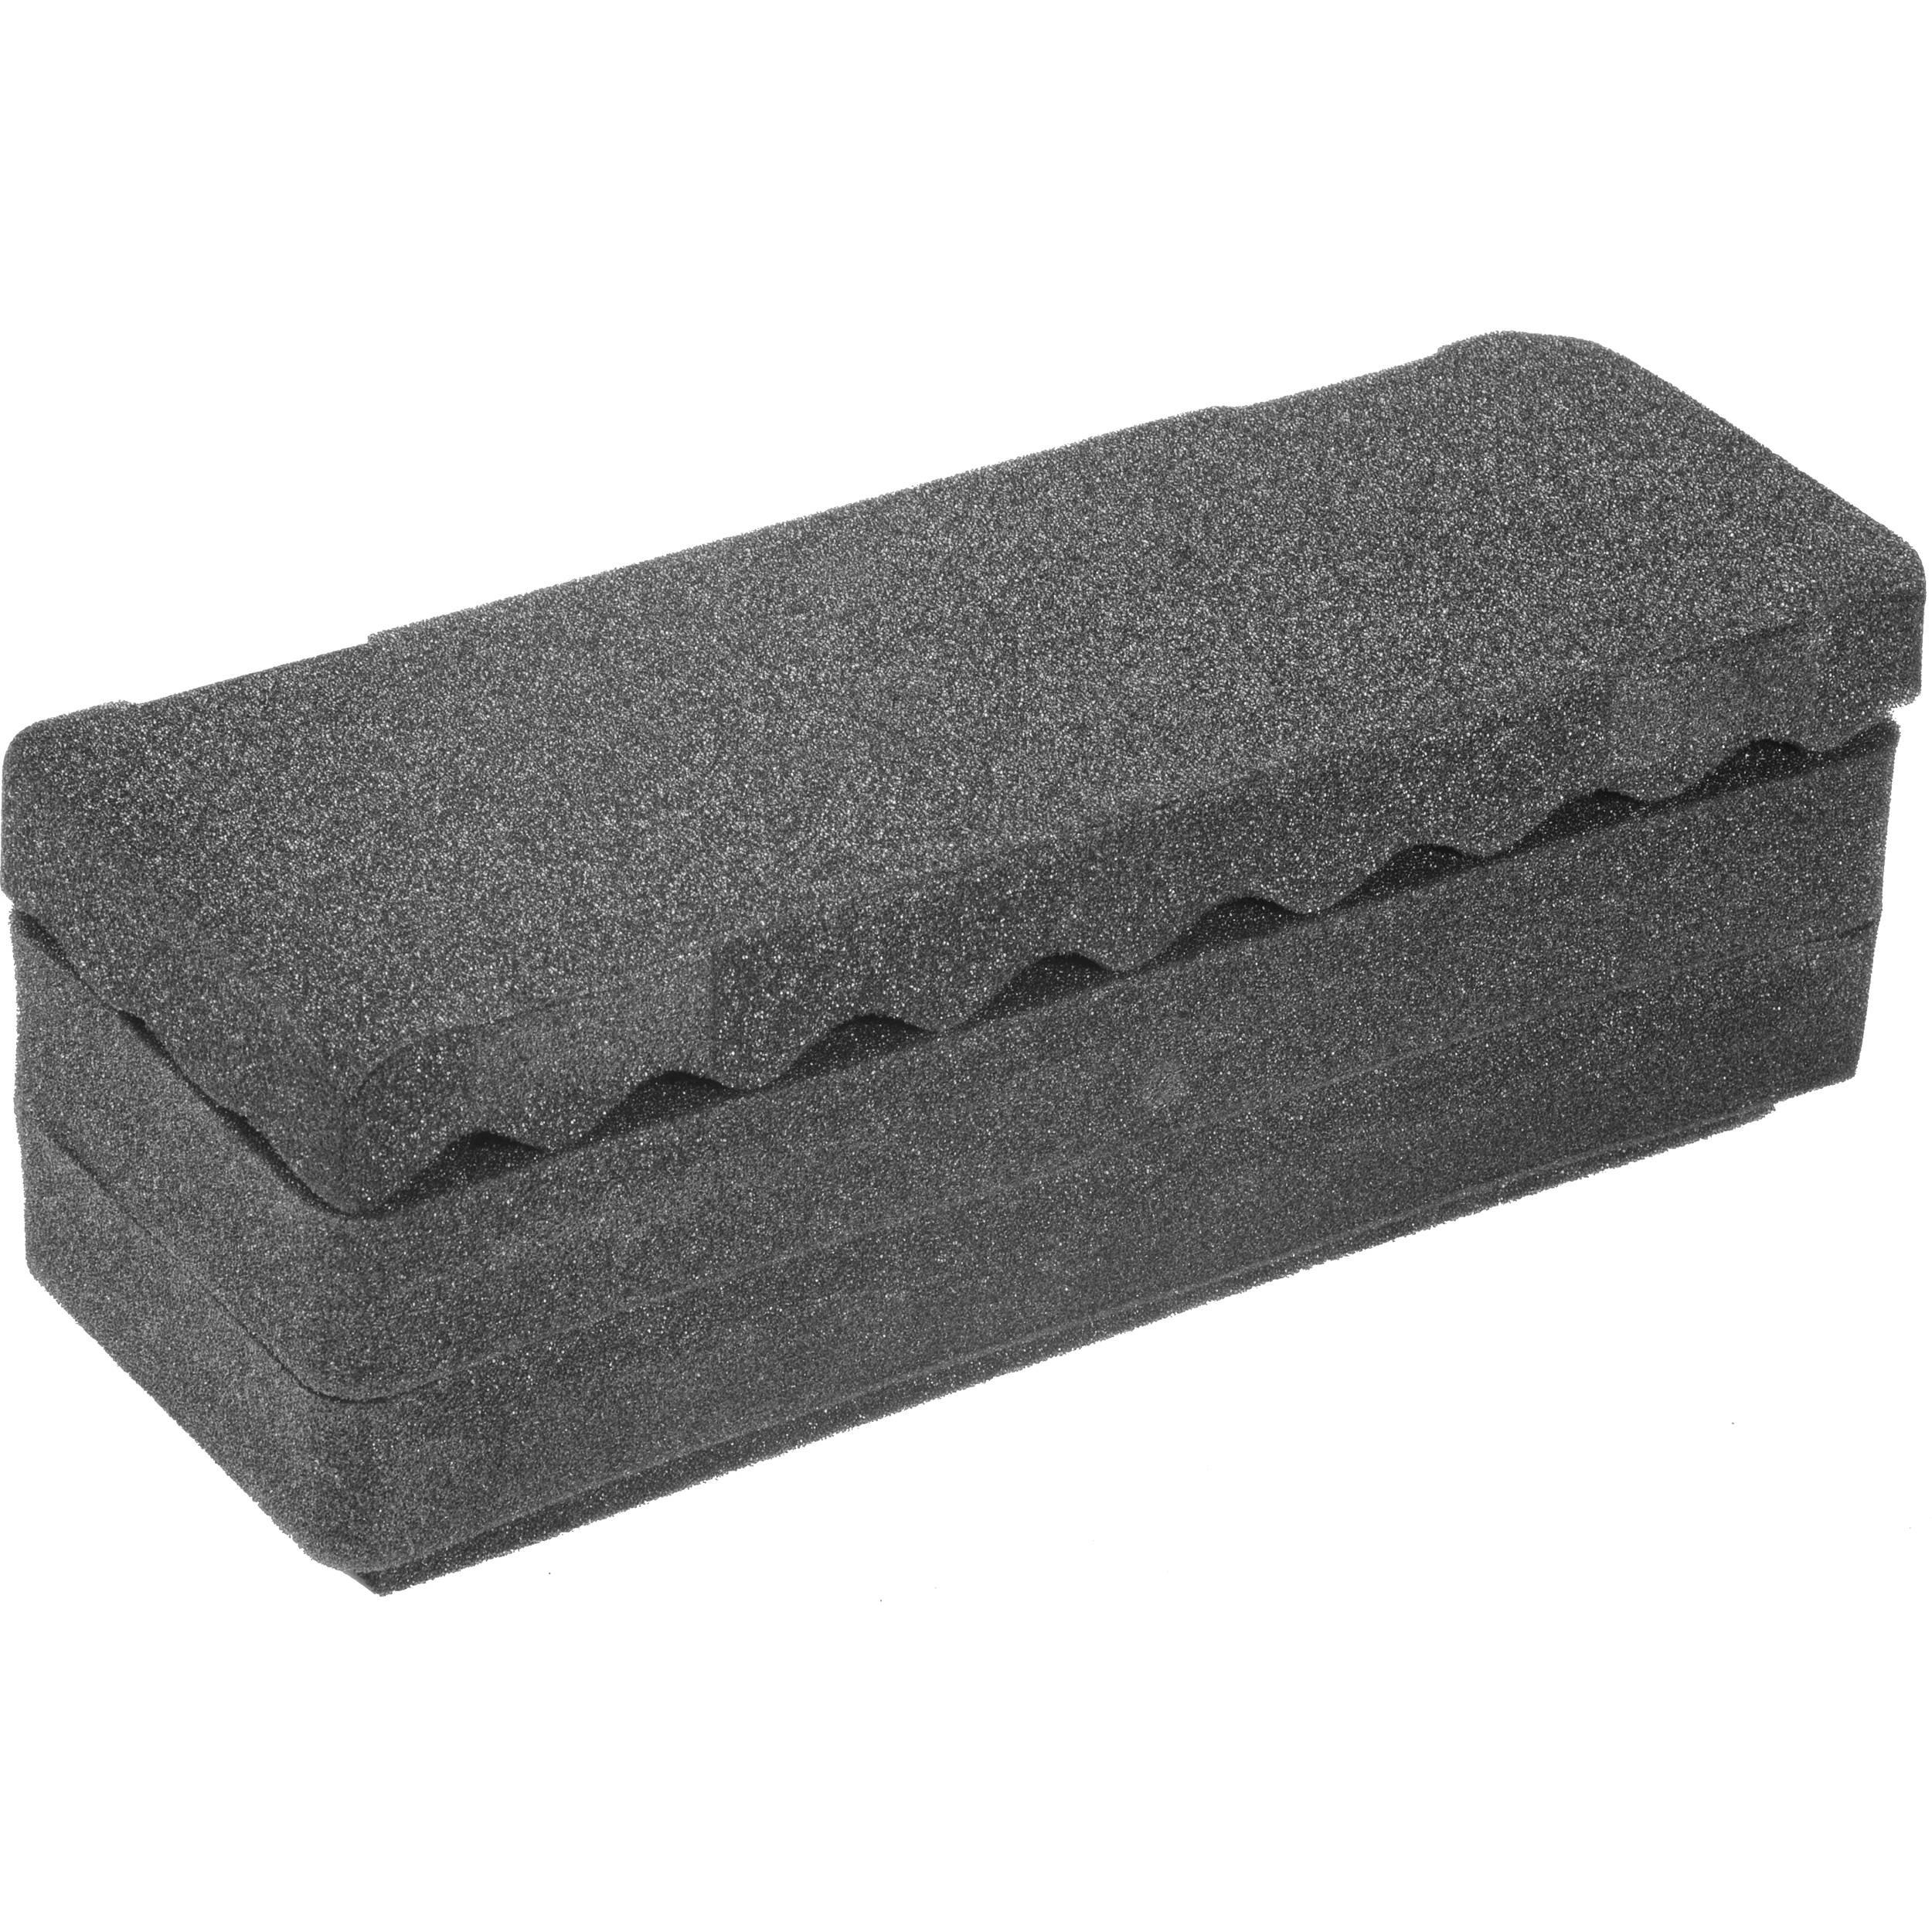 Pelican 2306 Foam Set